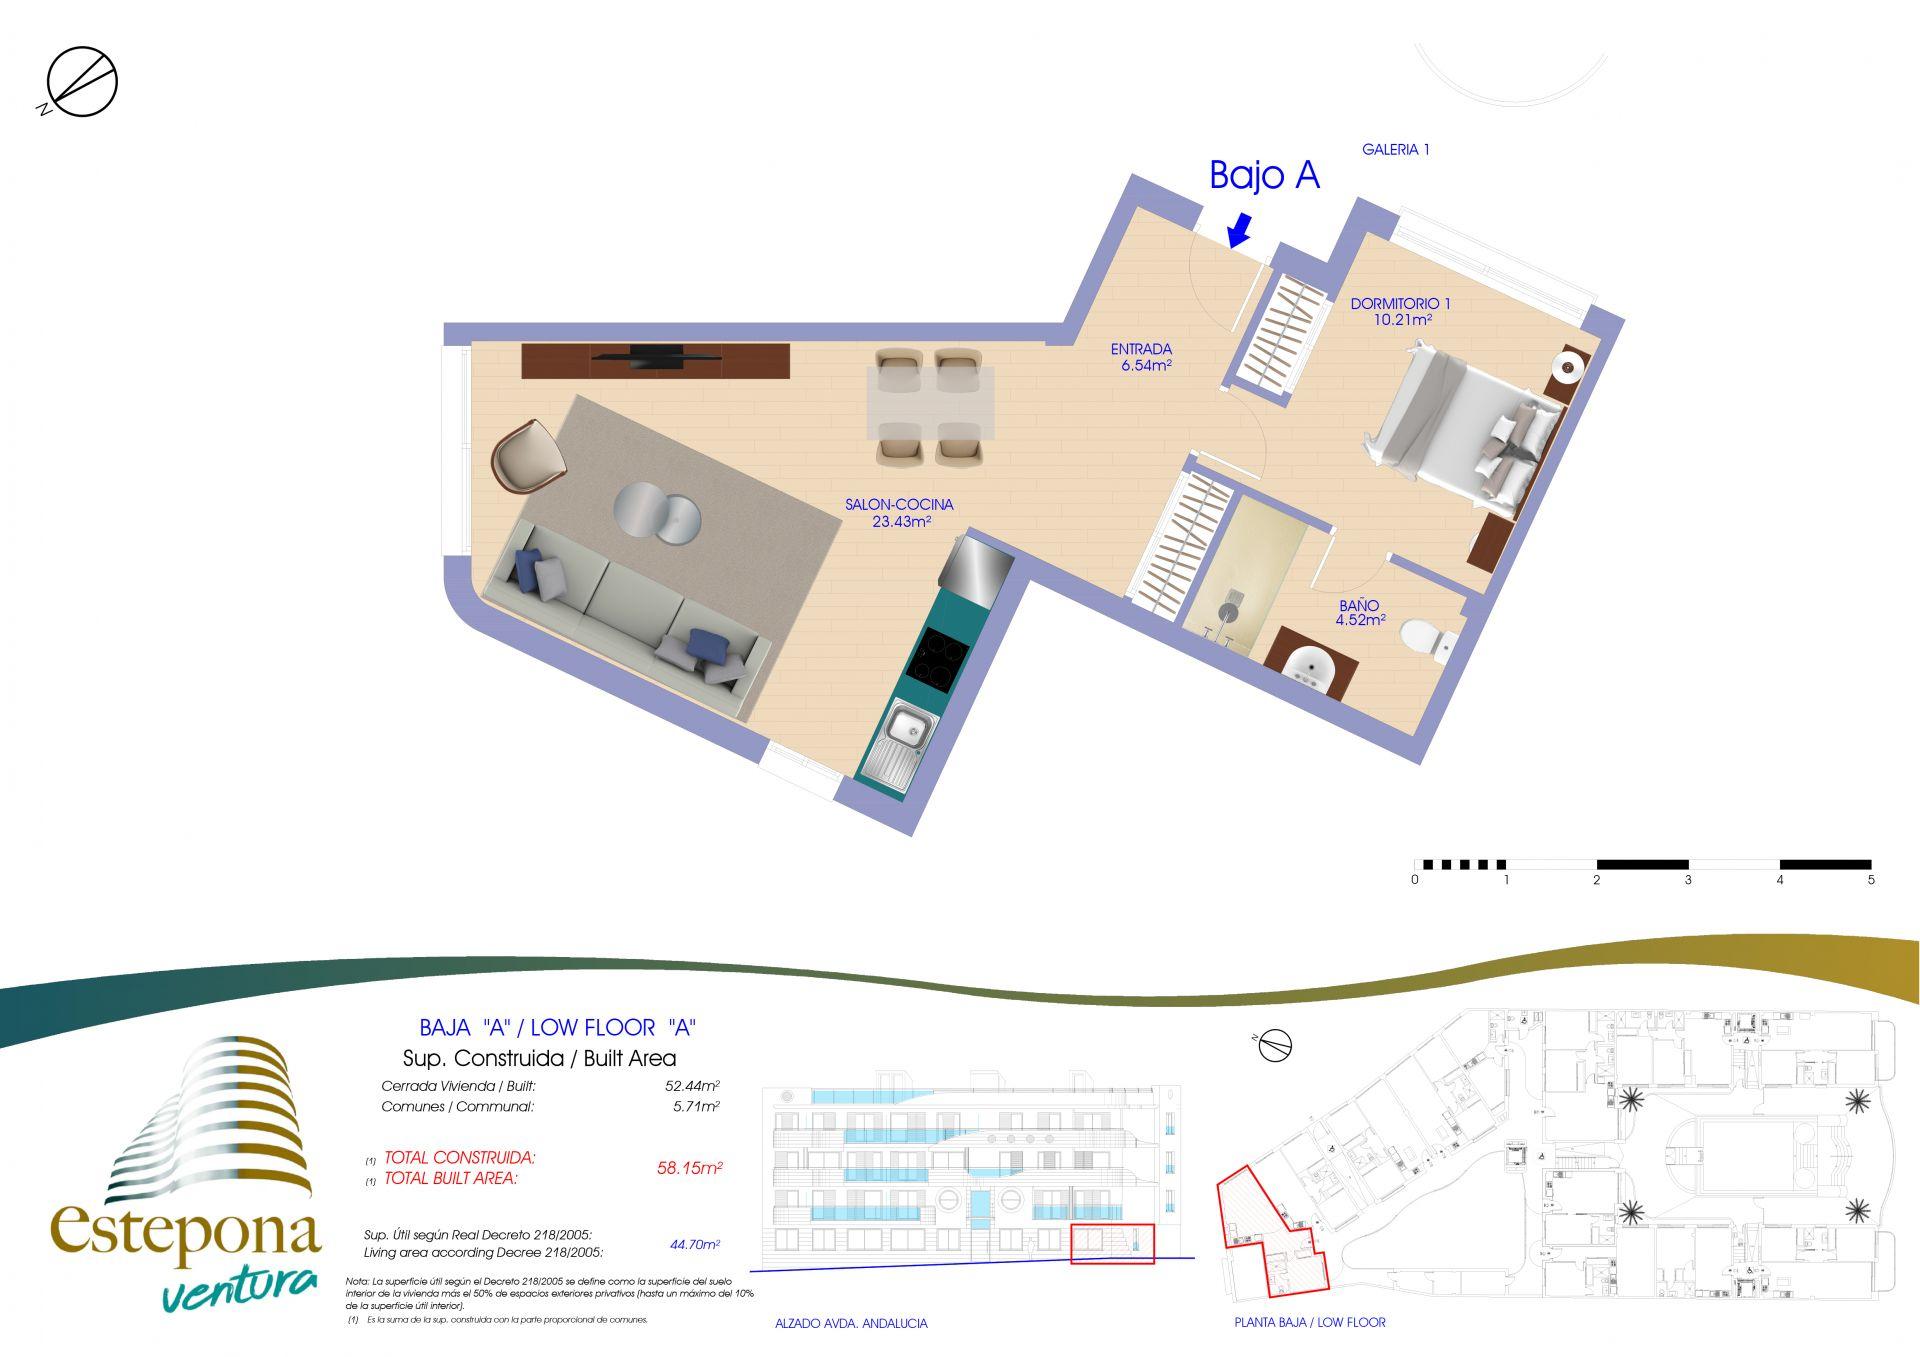 20201221 BAJO A  - Ventura Estepona | Compra de casa en Estepona